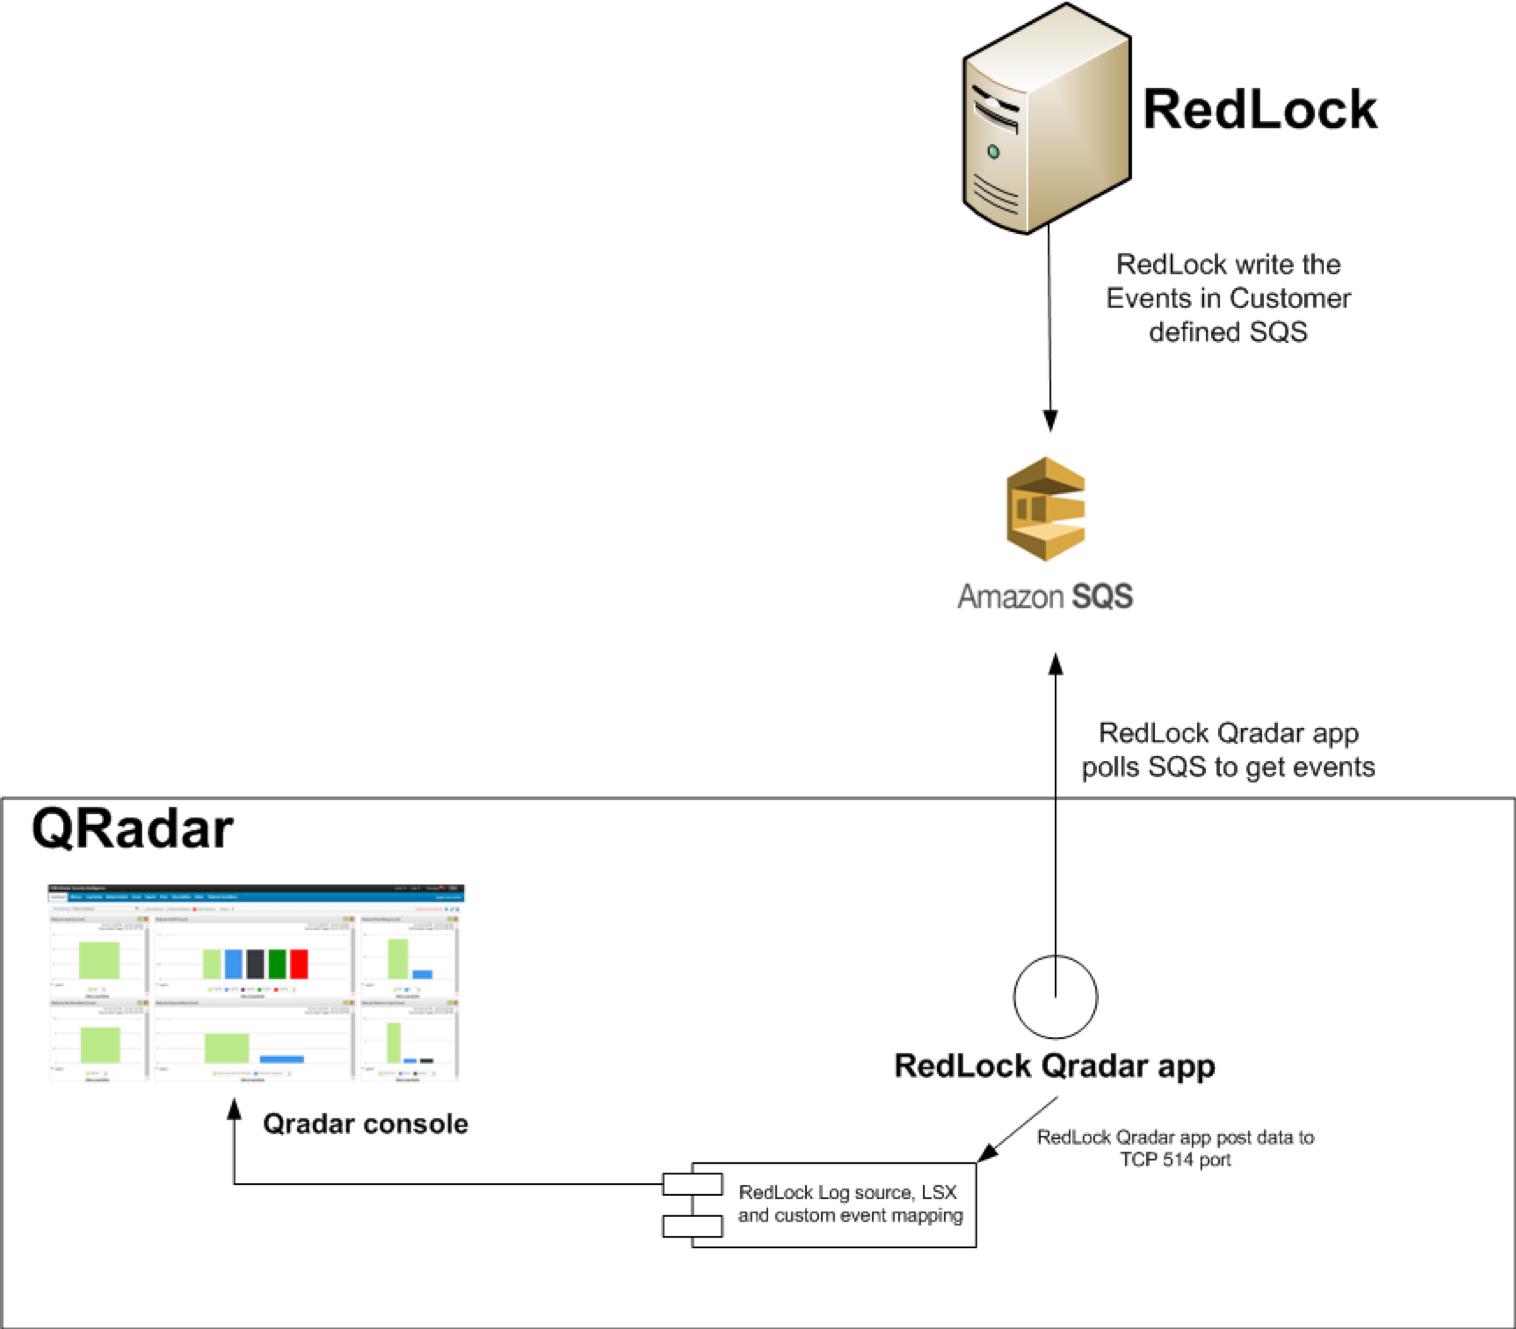 IBM Security App Exchange - RedLock QRadar